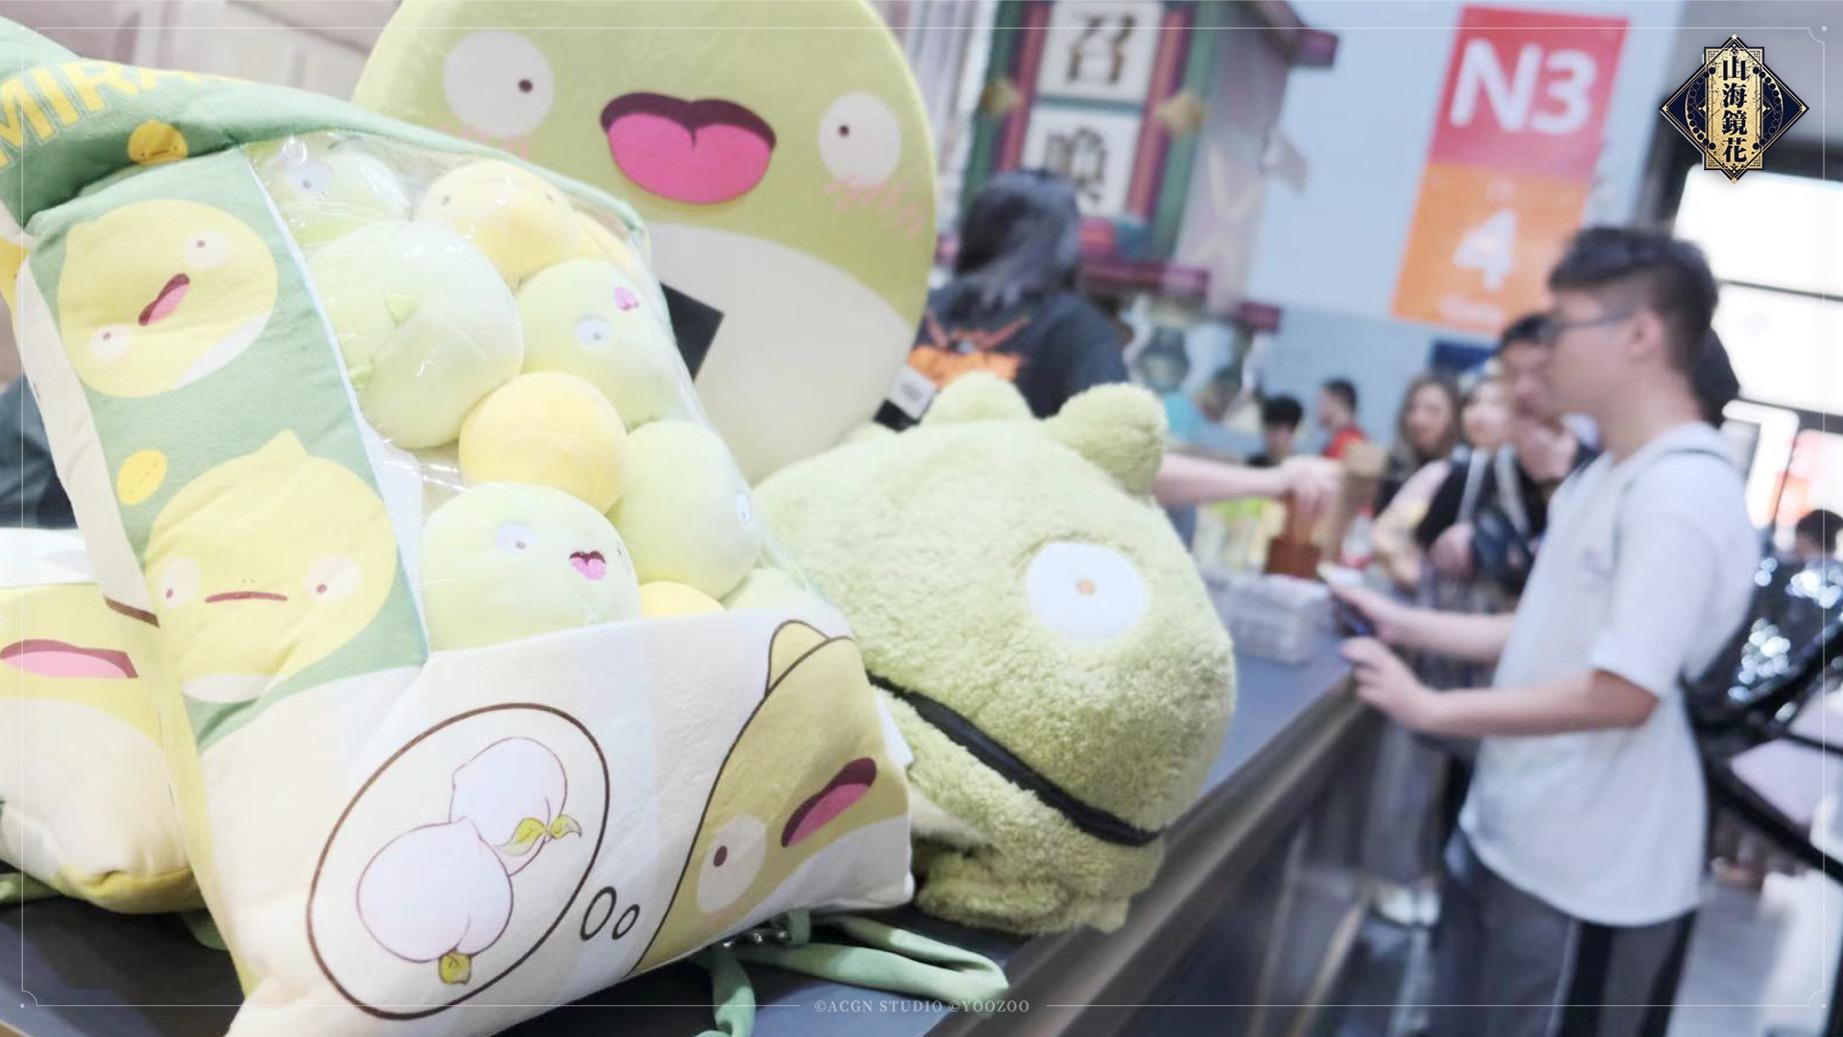 长江三峡旅游攻略:蜥蜴列车向南进发 《山海镜花》参加广州双展